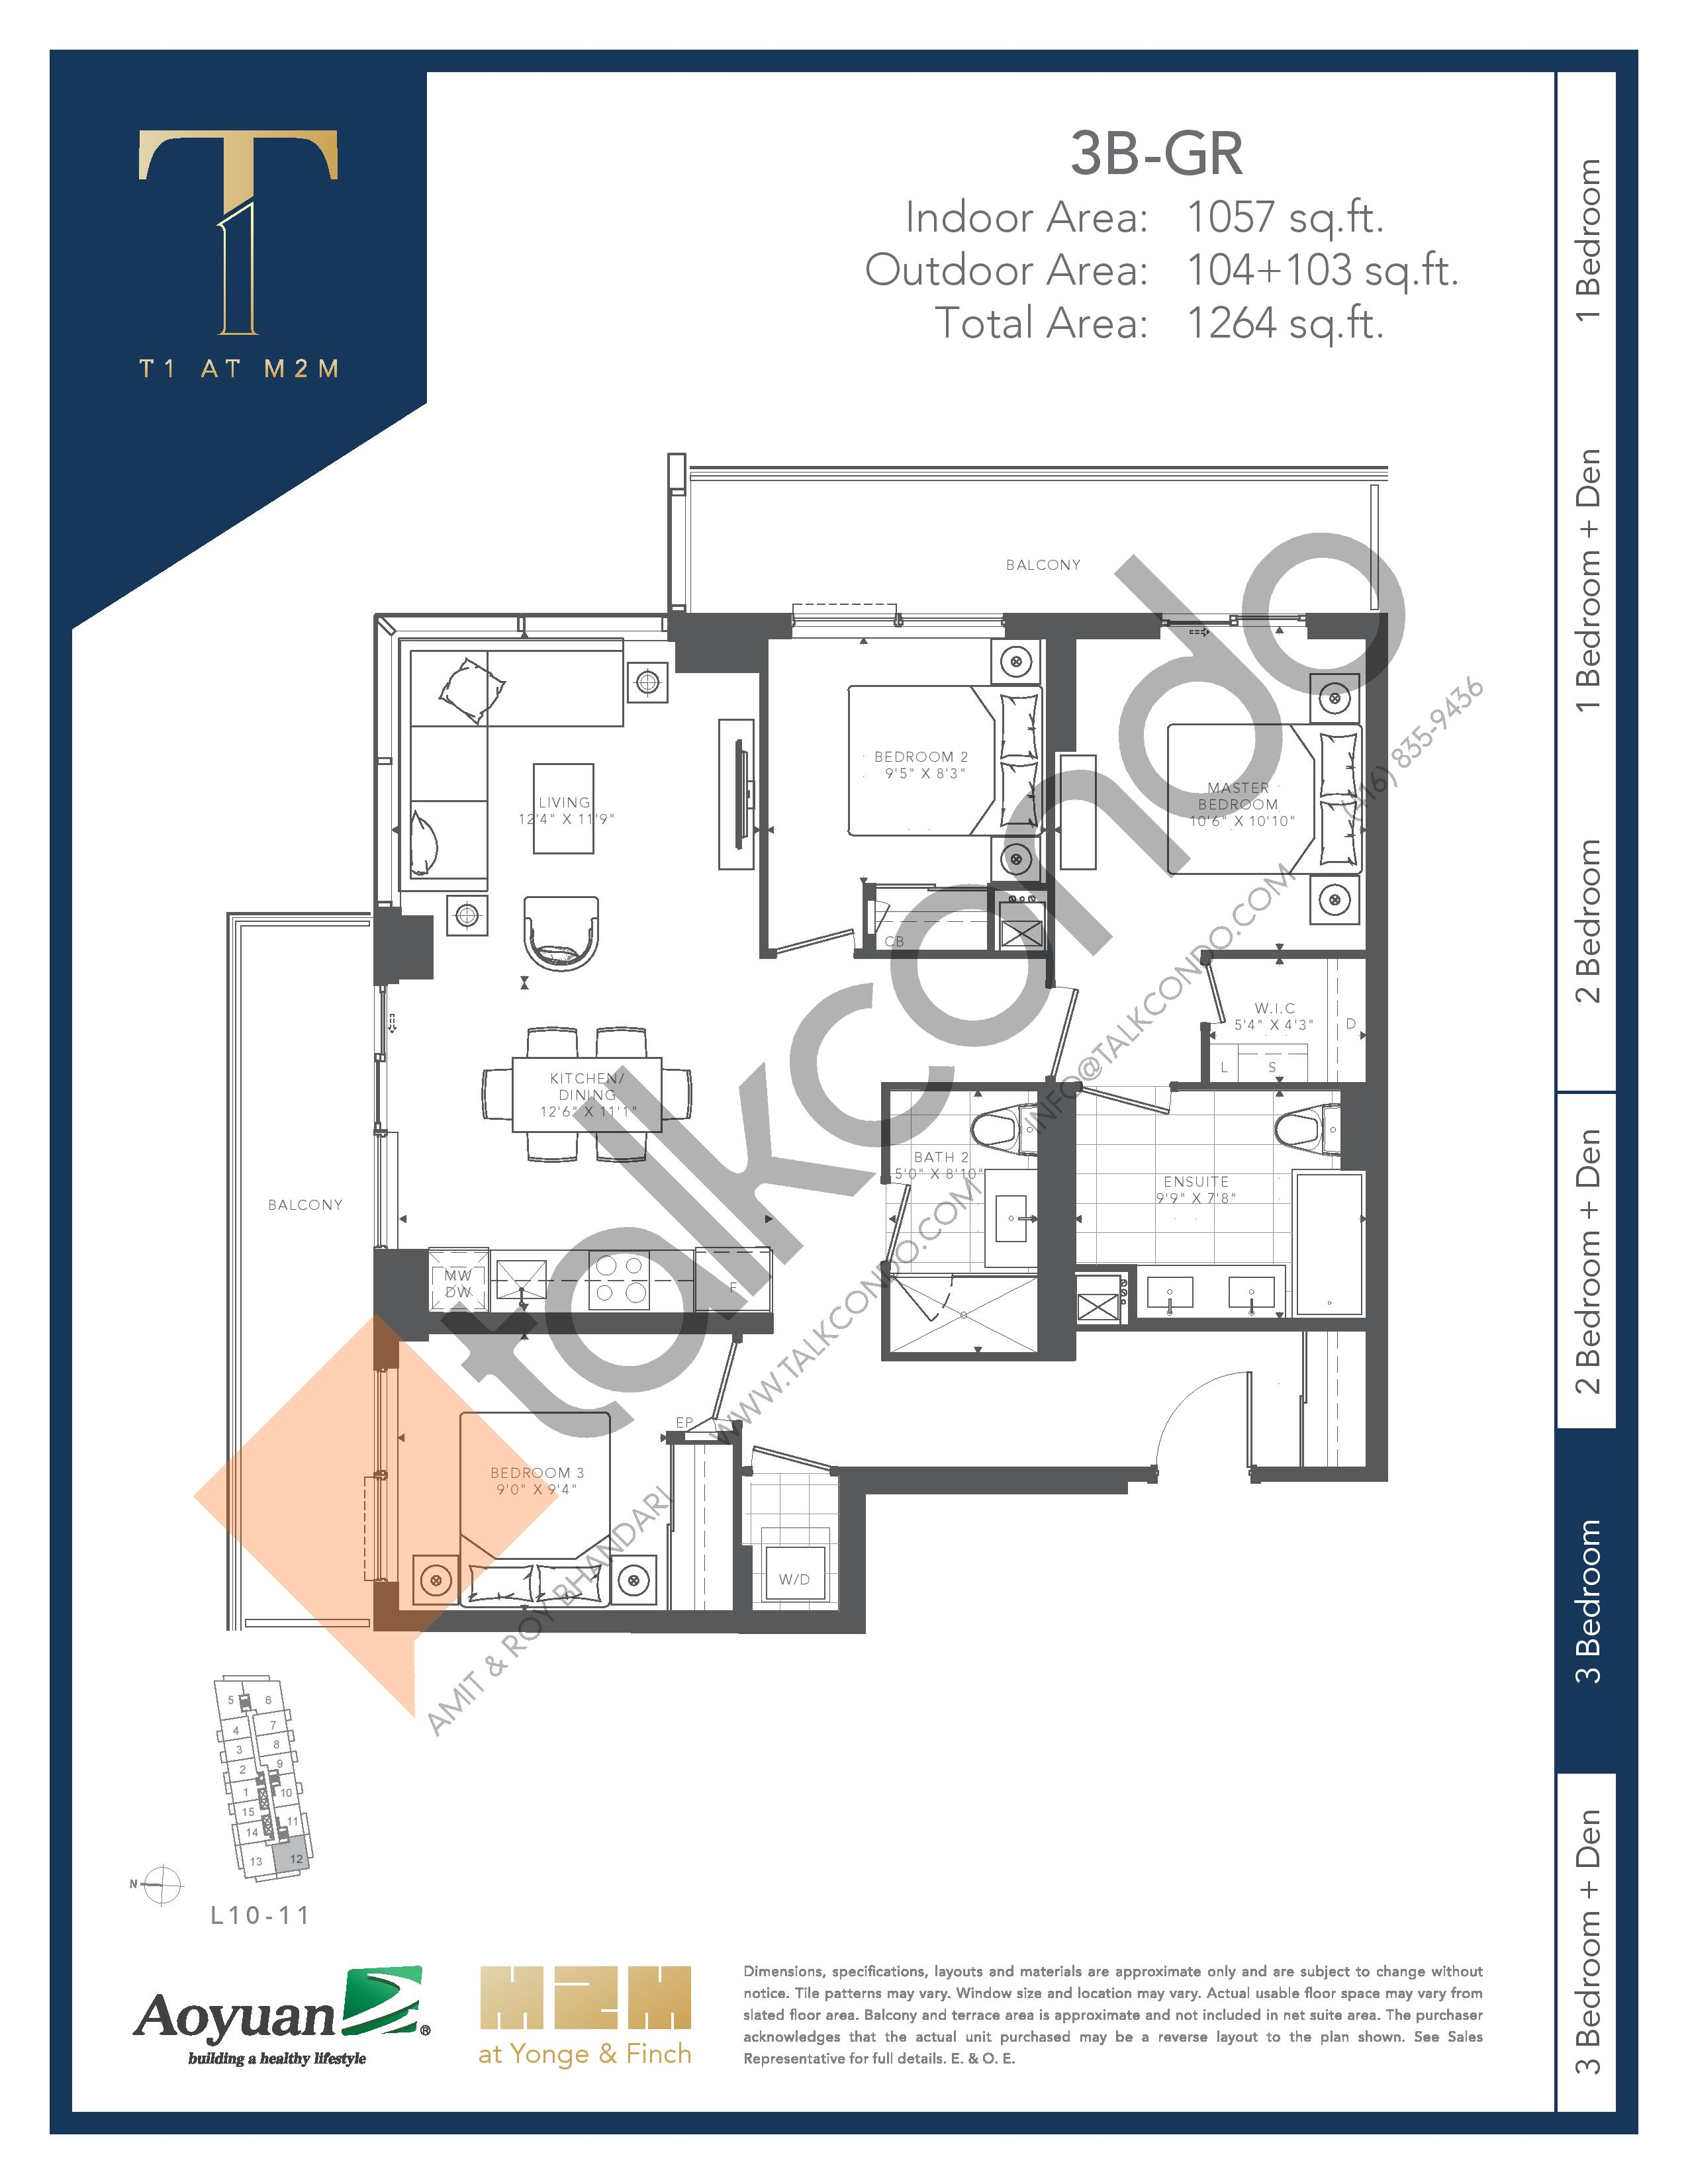 3B-GR Floor Plan at T1 at M2M Condos - 1057 sq.ft